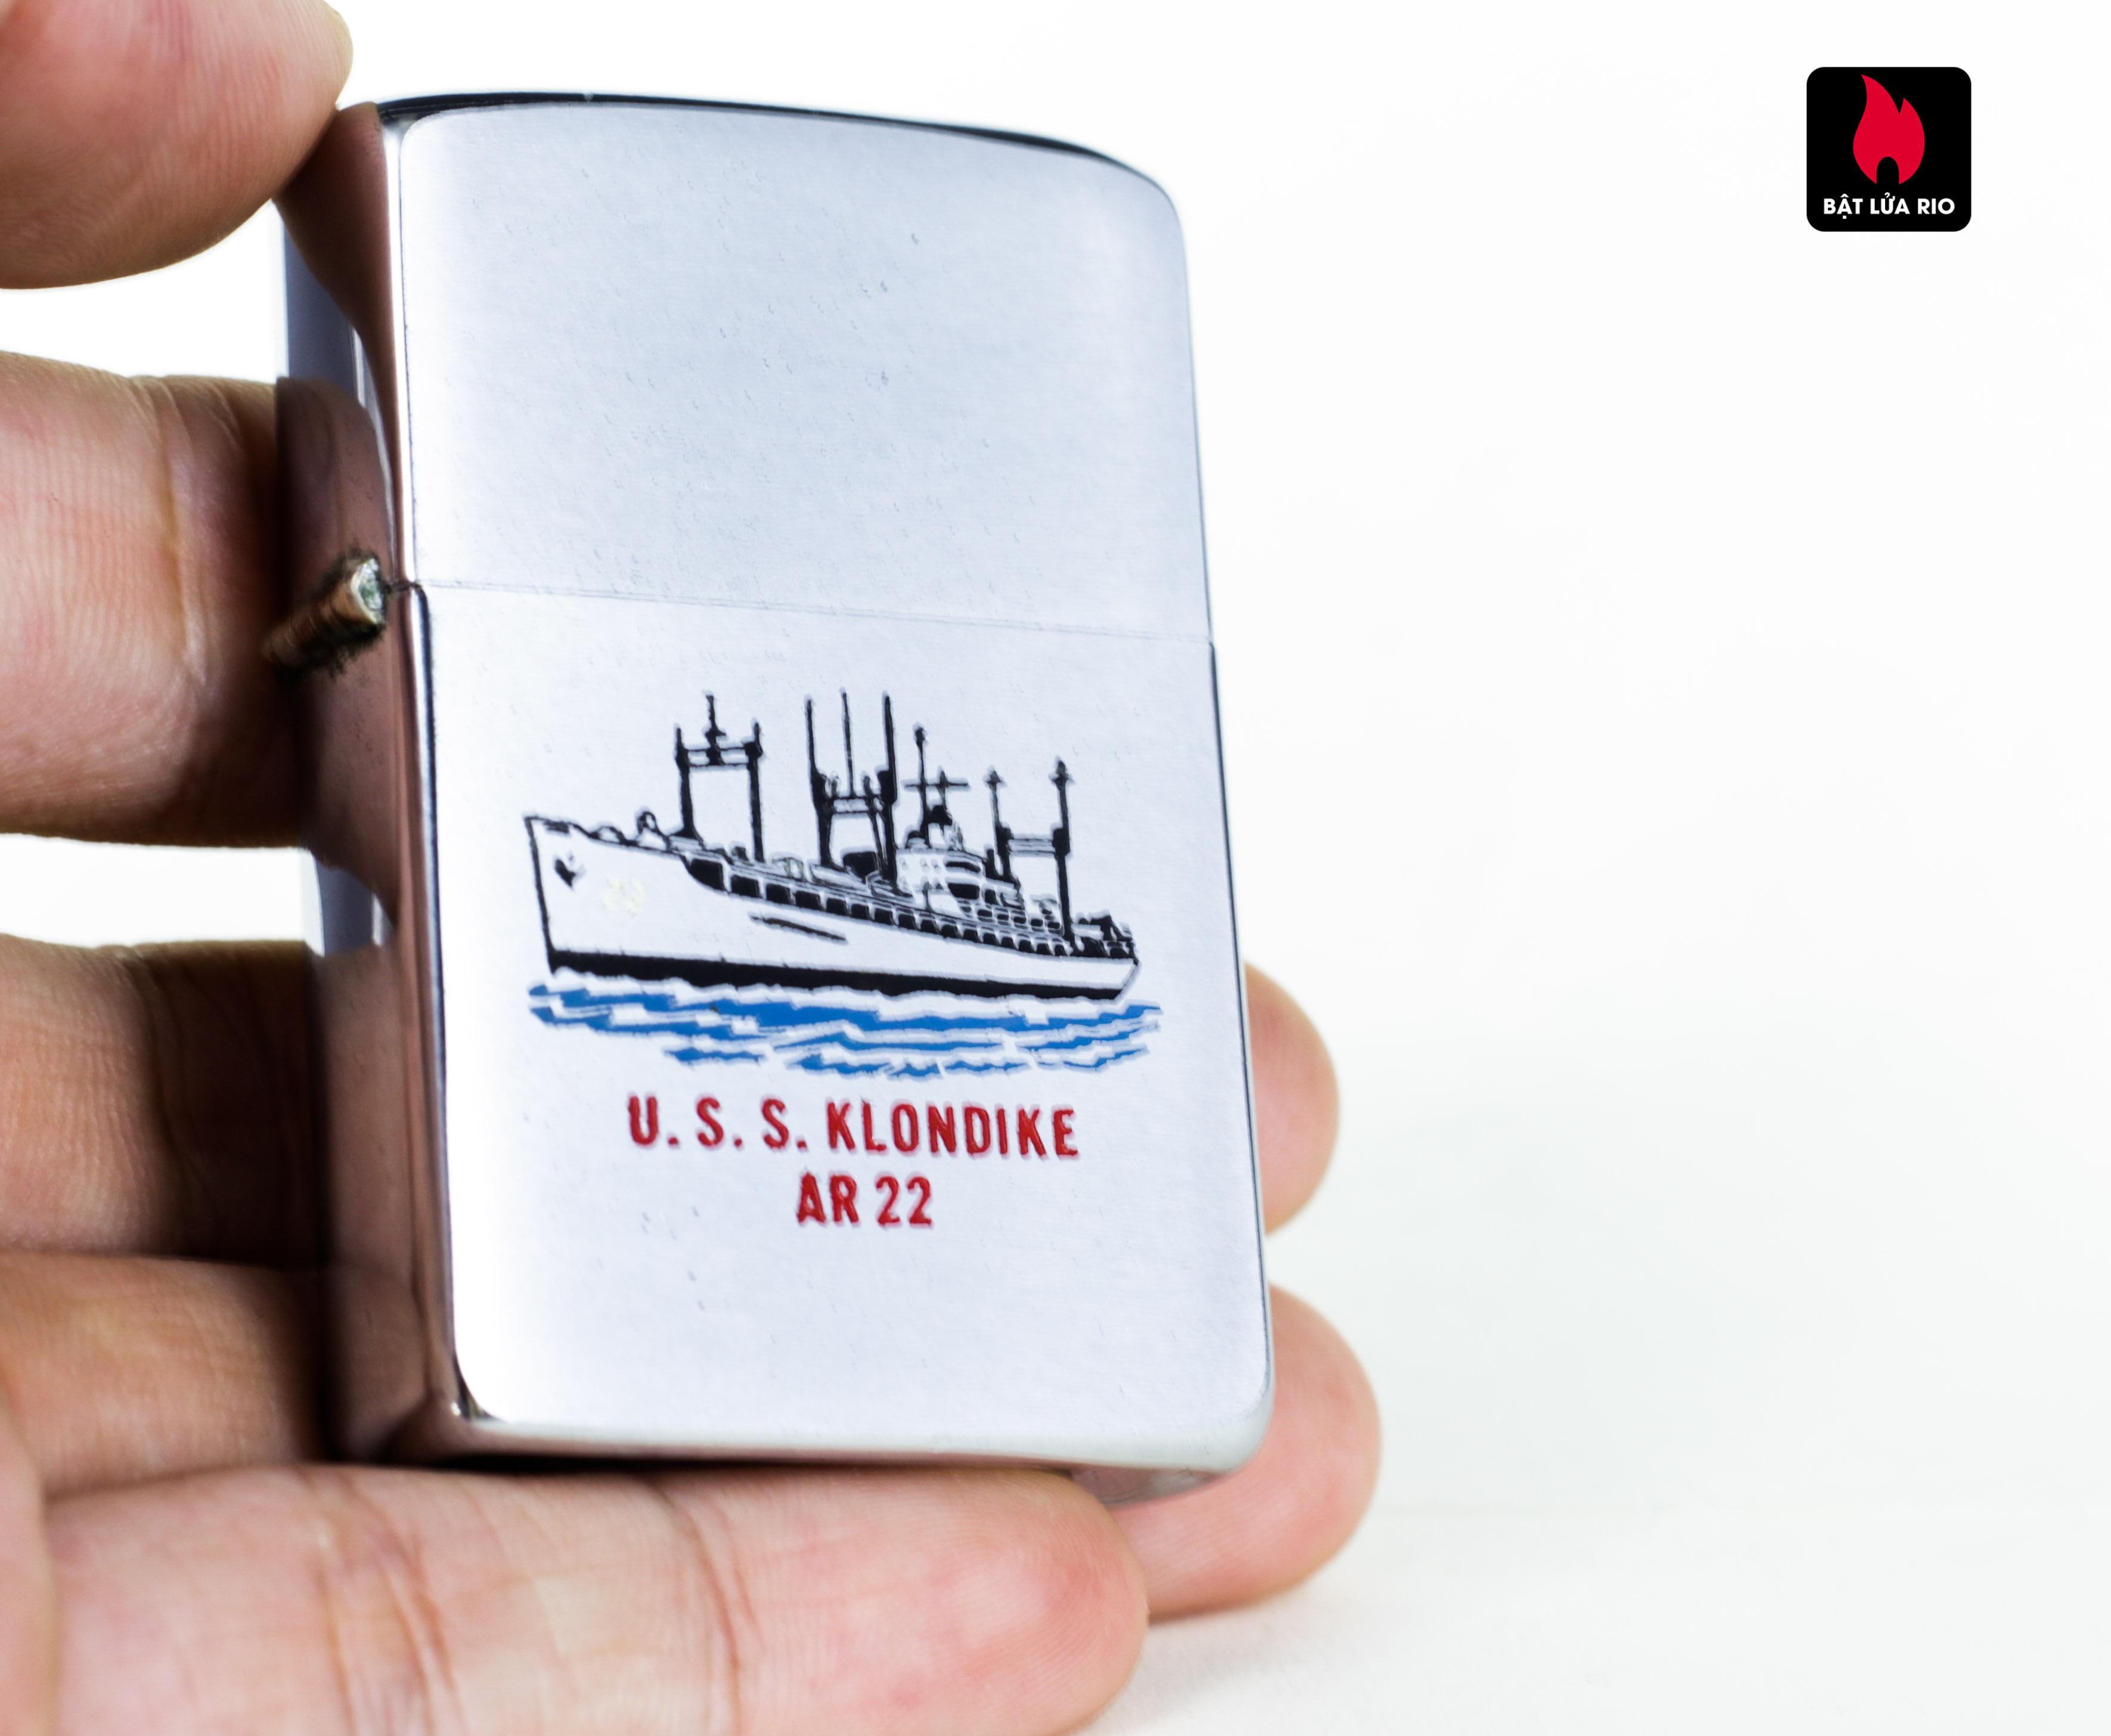 ZIPPO XƯA 1959 - USS KLONDIKE AR 22